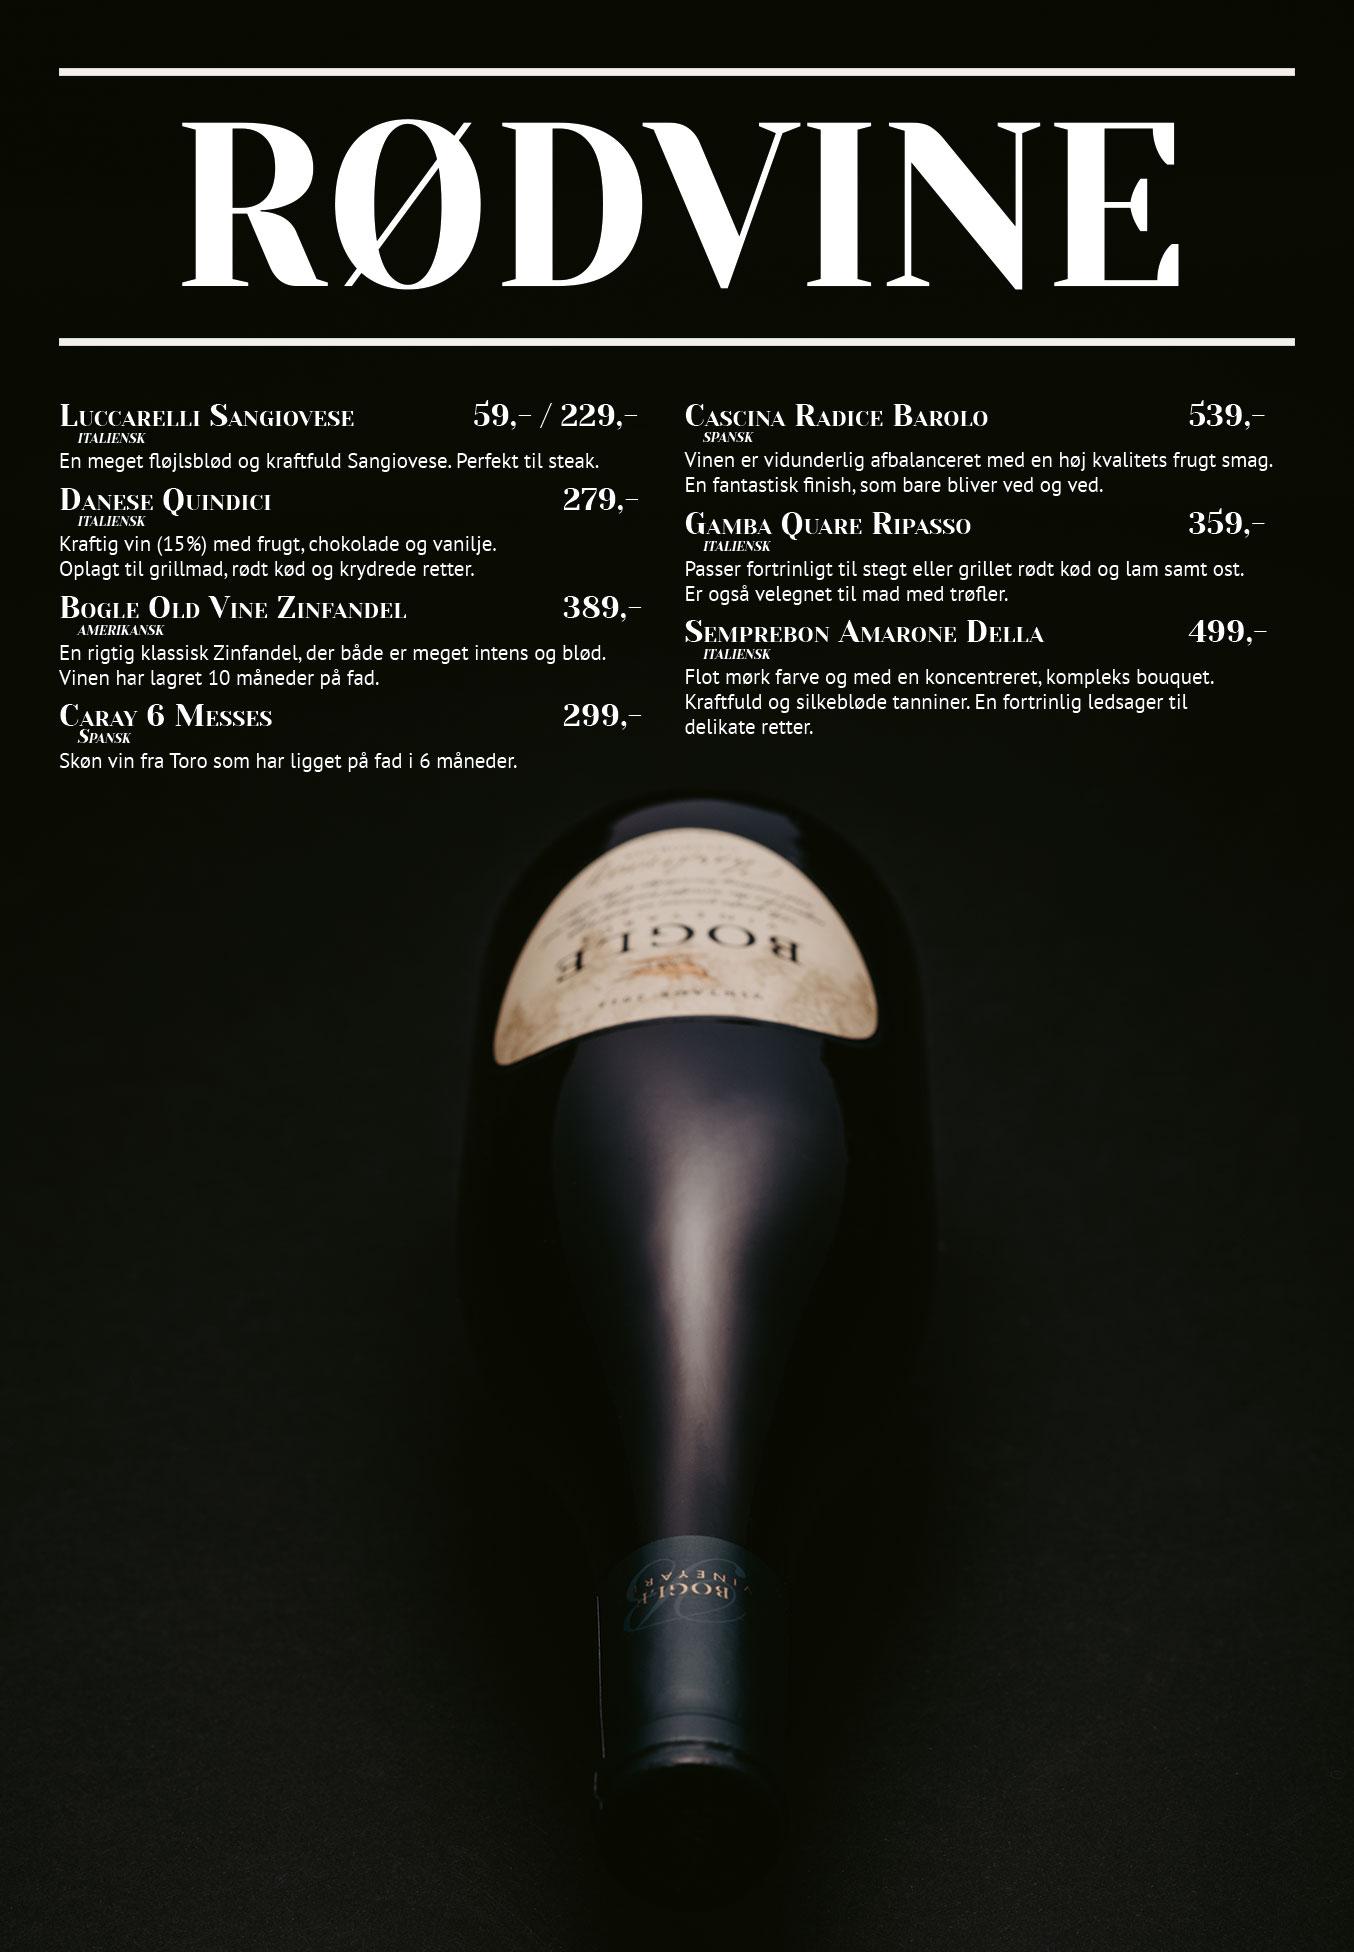 Side 10: Rødvine